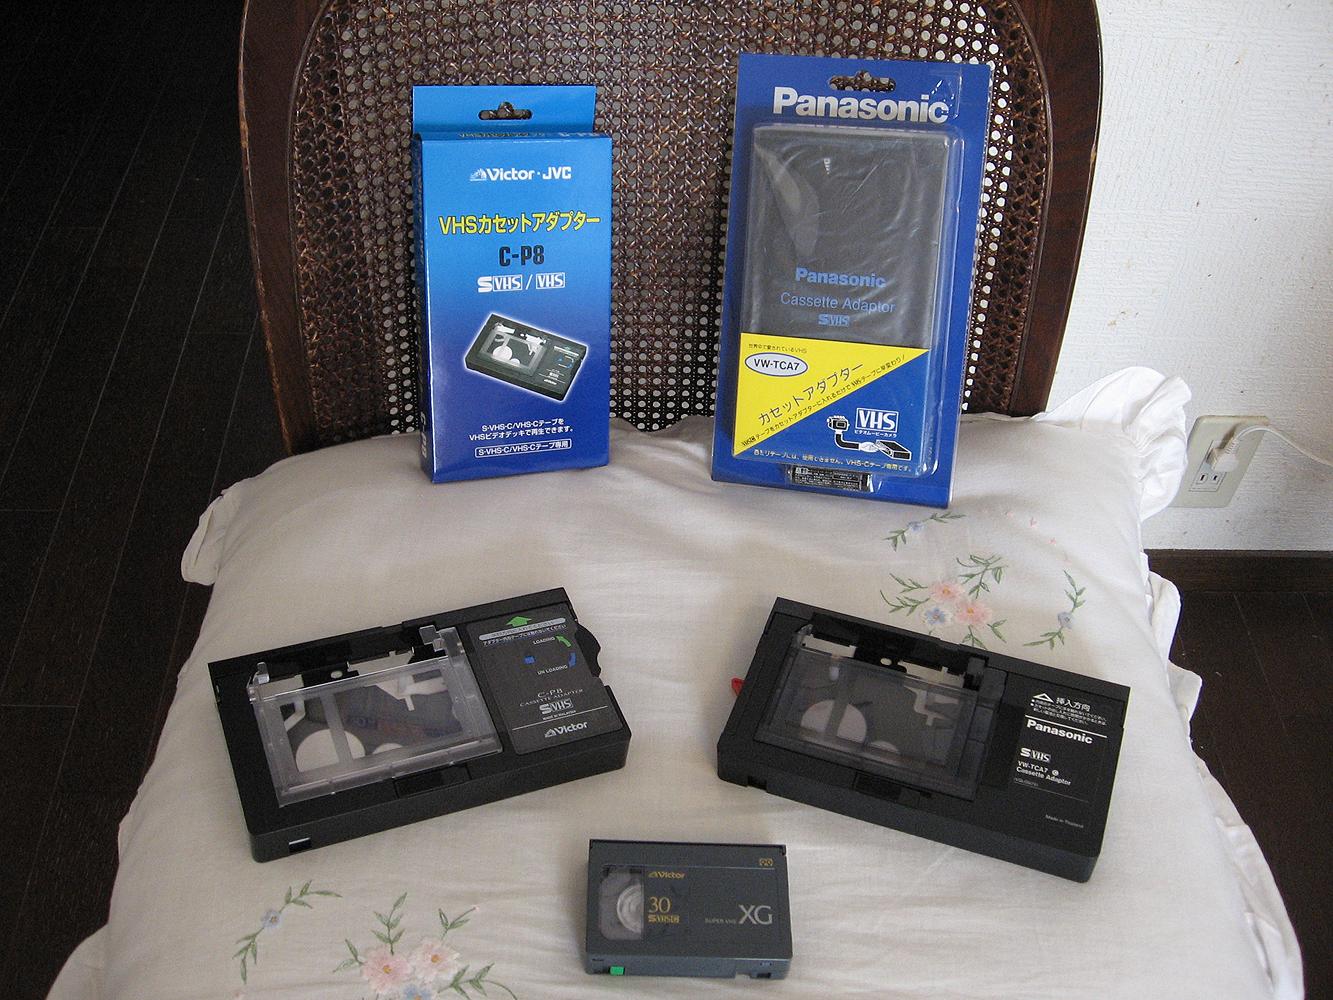 昔、8mmビデオテープ(Hi8など)をVHSタイプの …